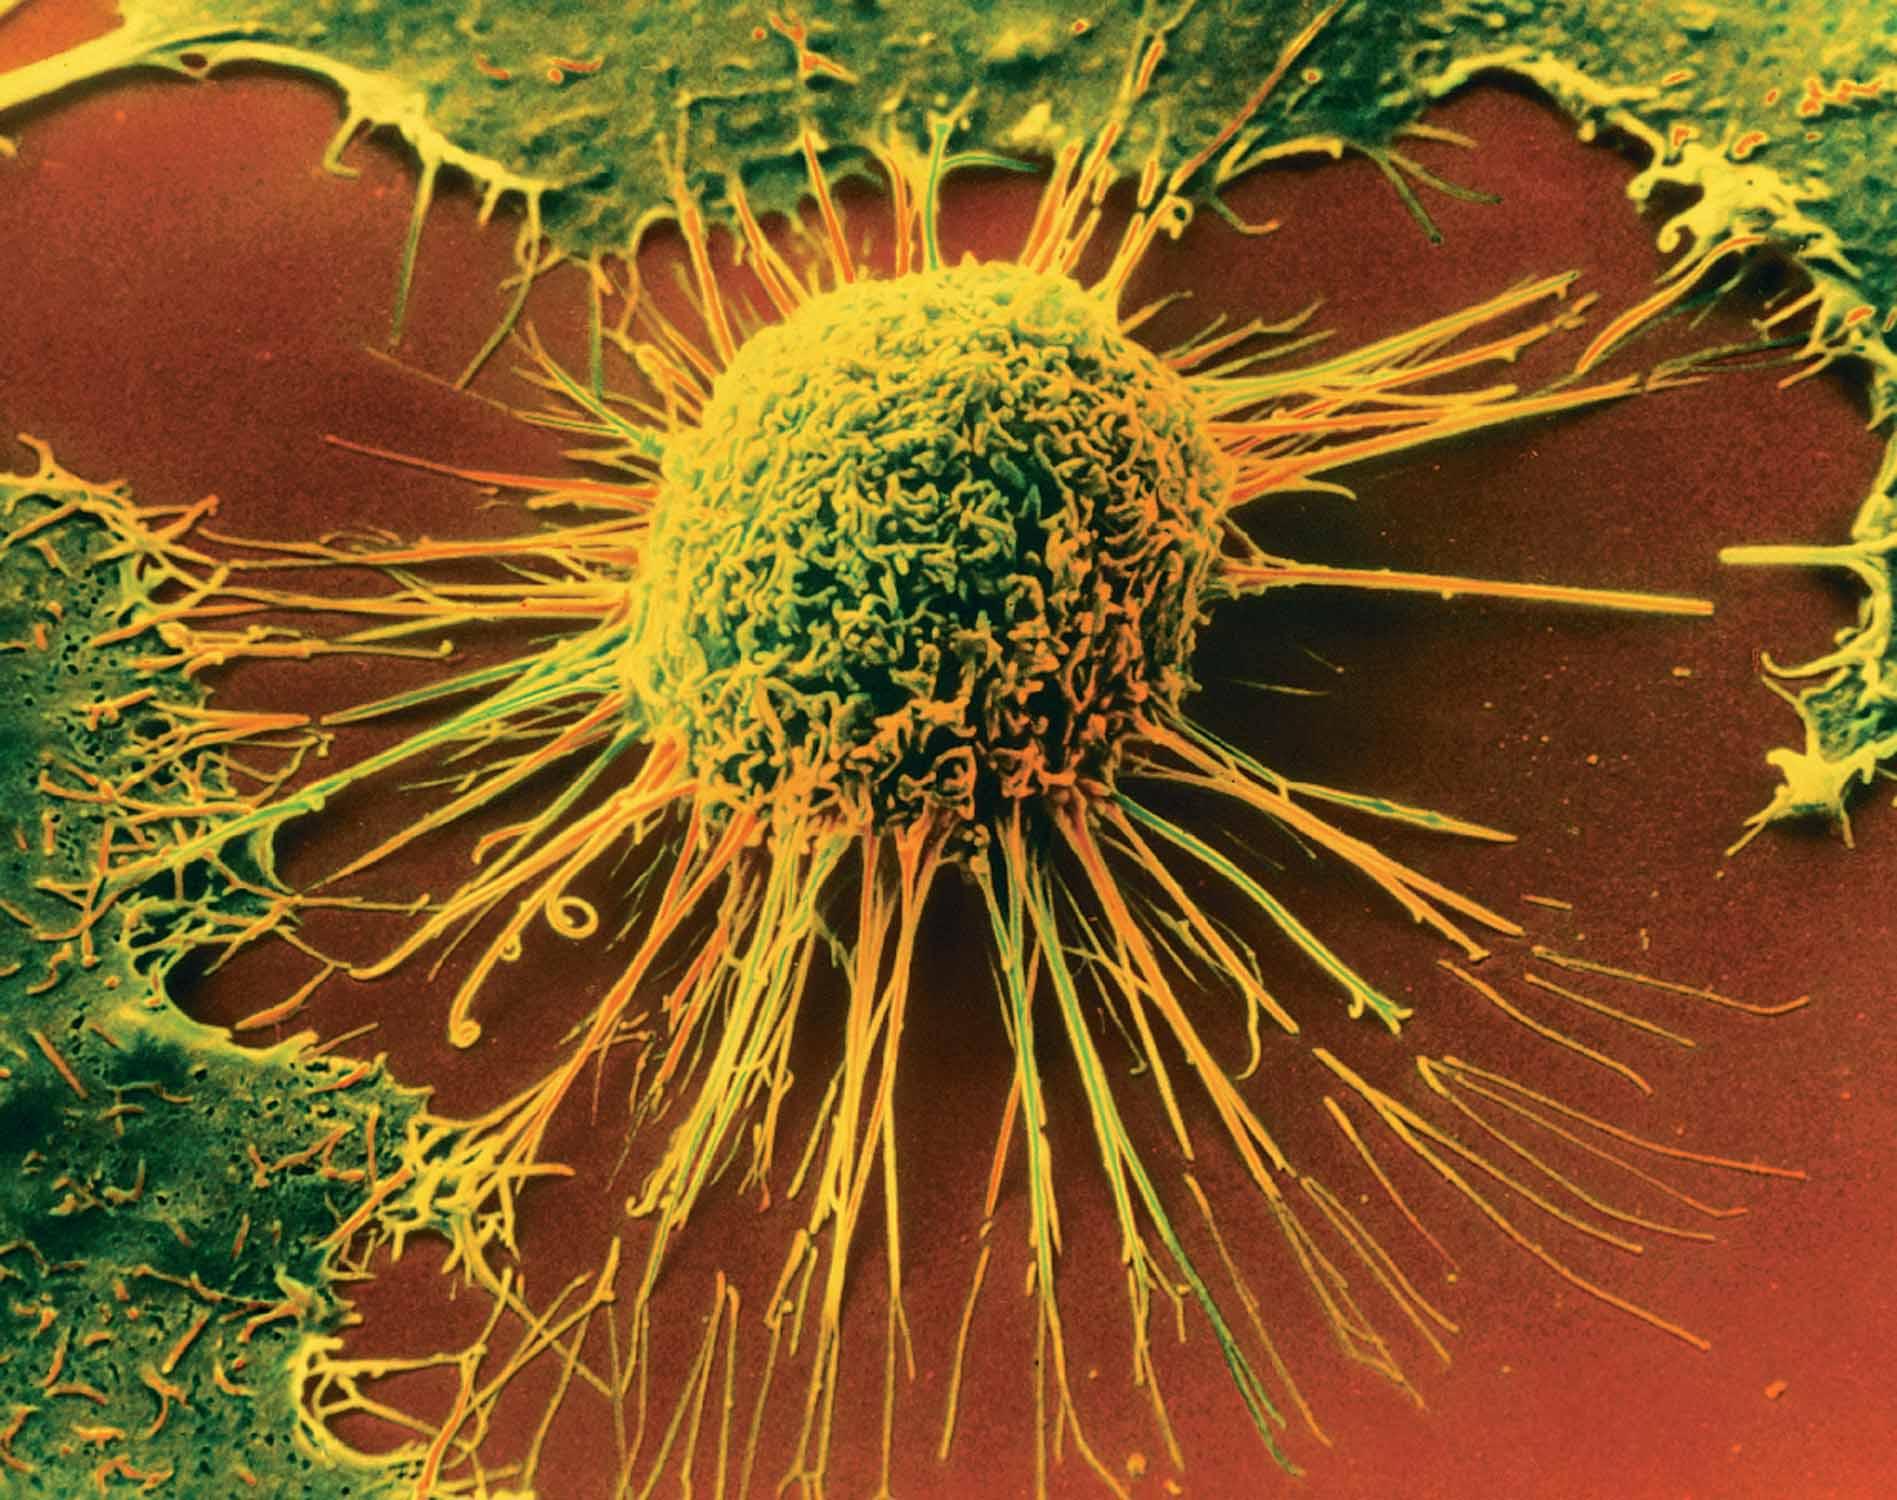 Фонд «Здоровье» обеспокоен ростом смертности от рака и снижением производства противоопухолевых ЛС